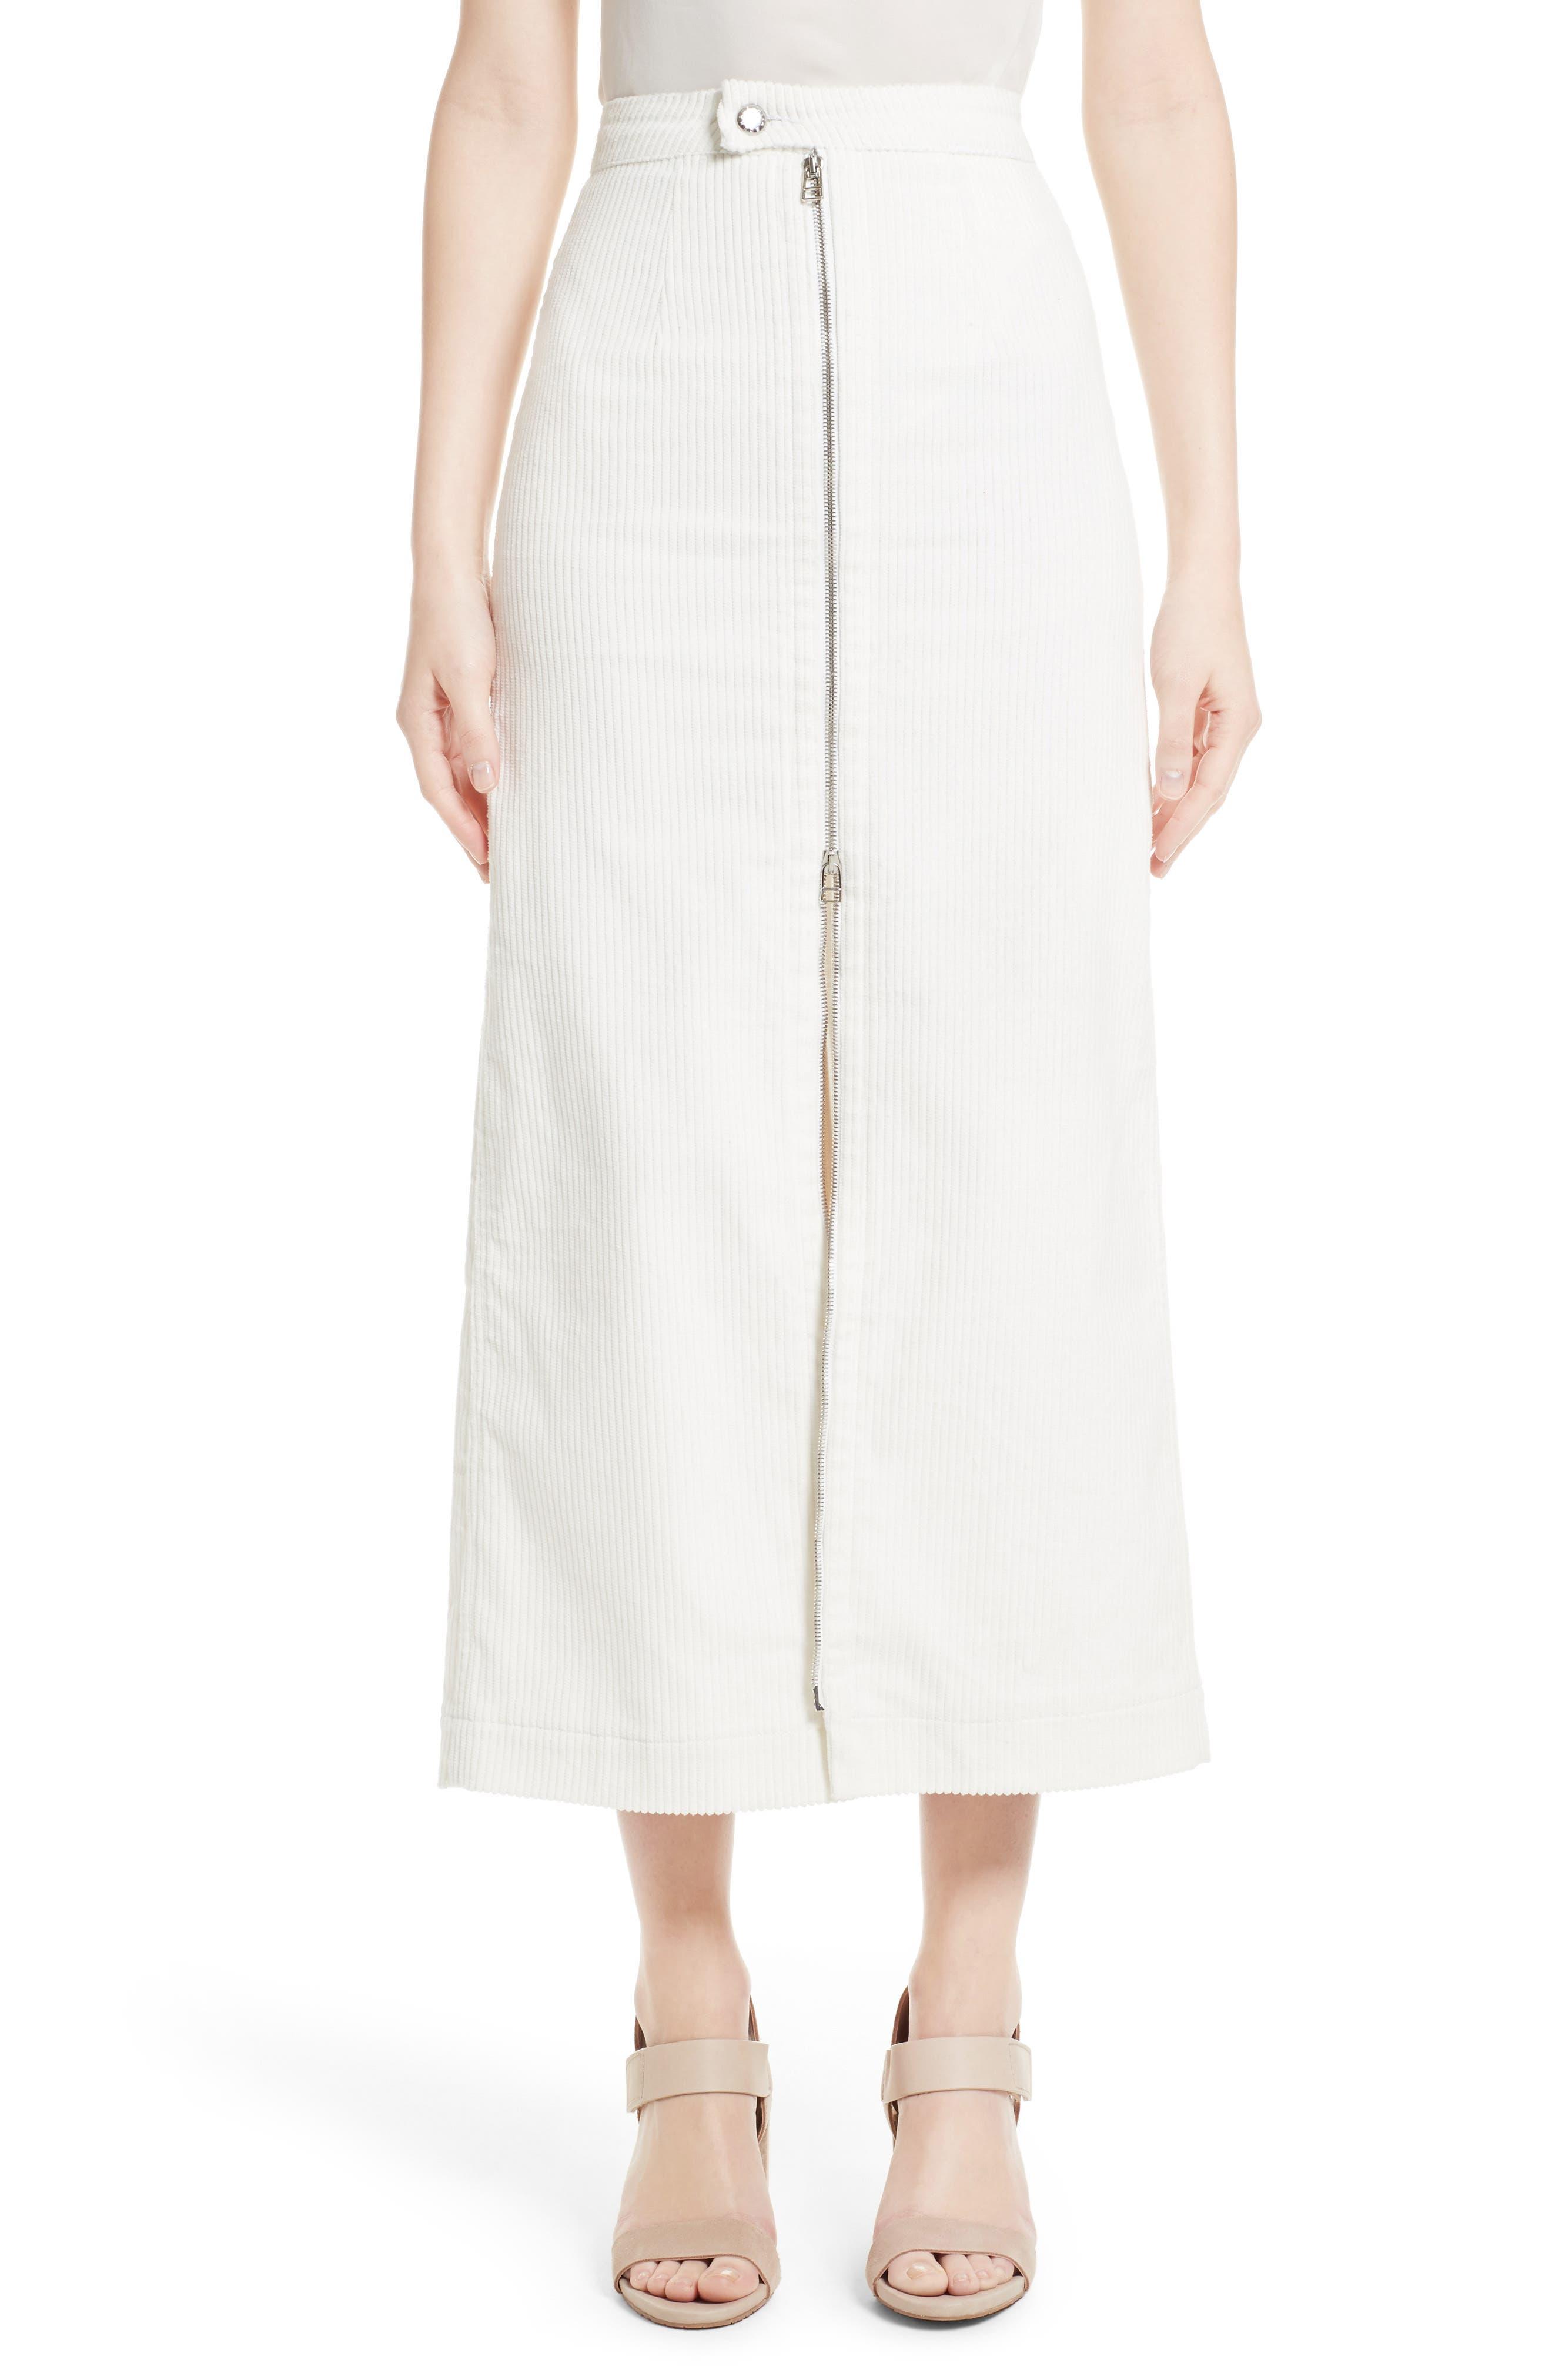 ECKHAUS LATTA Zip Front Midi Skirt